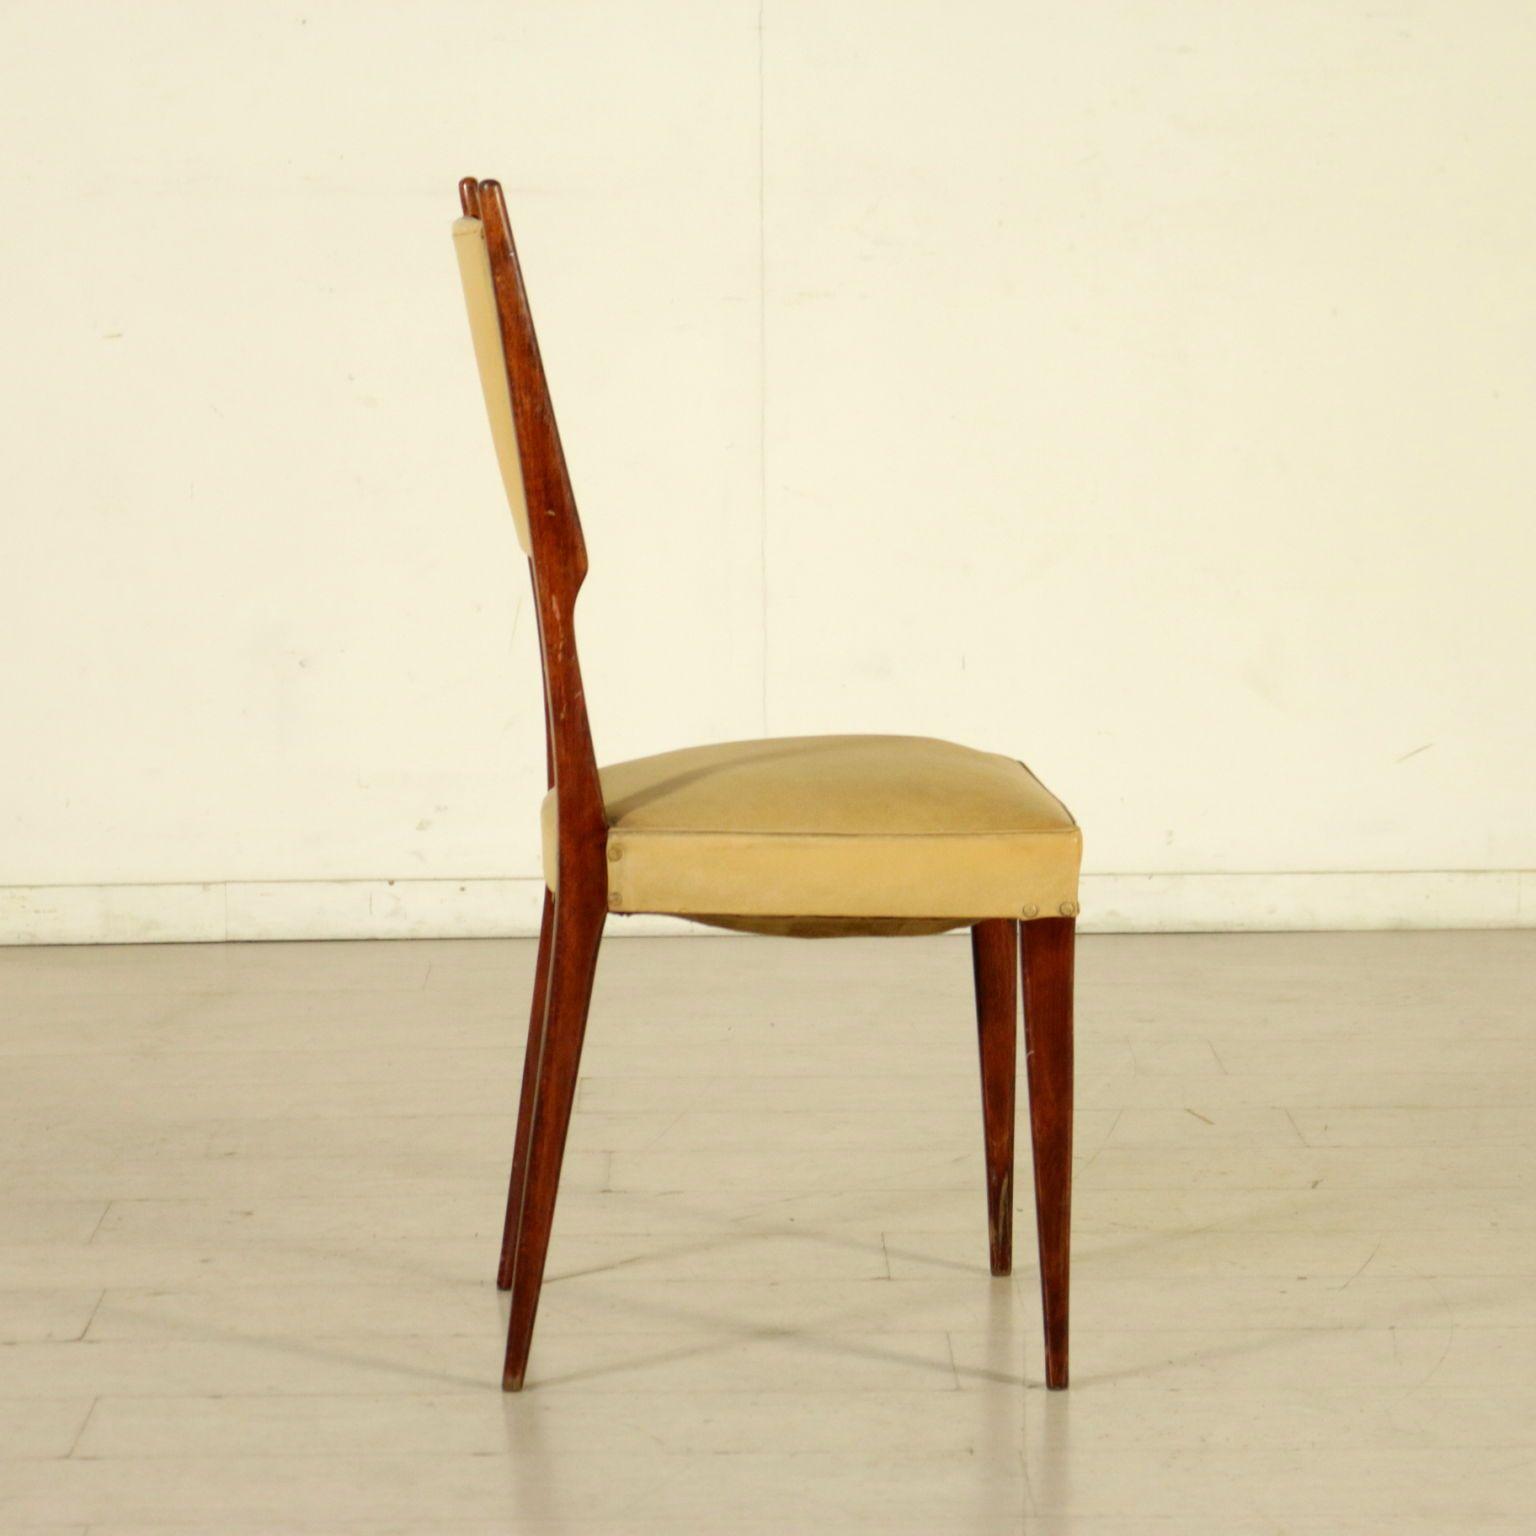 Sedie In Legno Anni 50.Sedie Anni 50 Sedie Divani E Tavoli